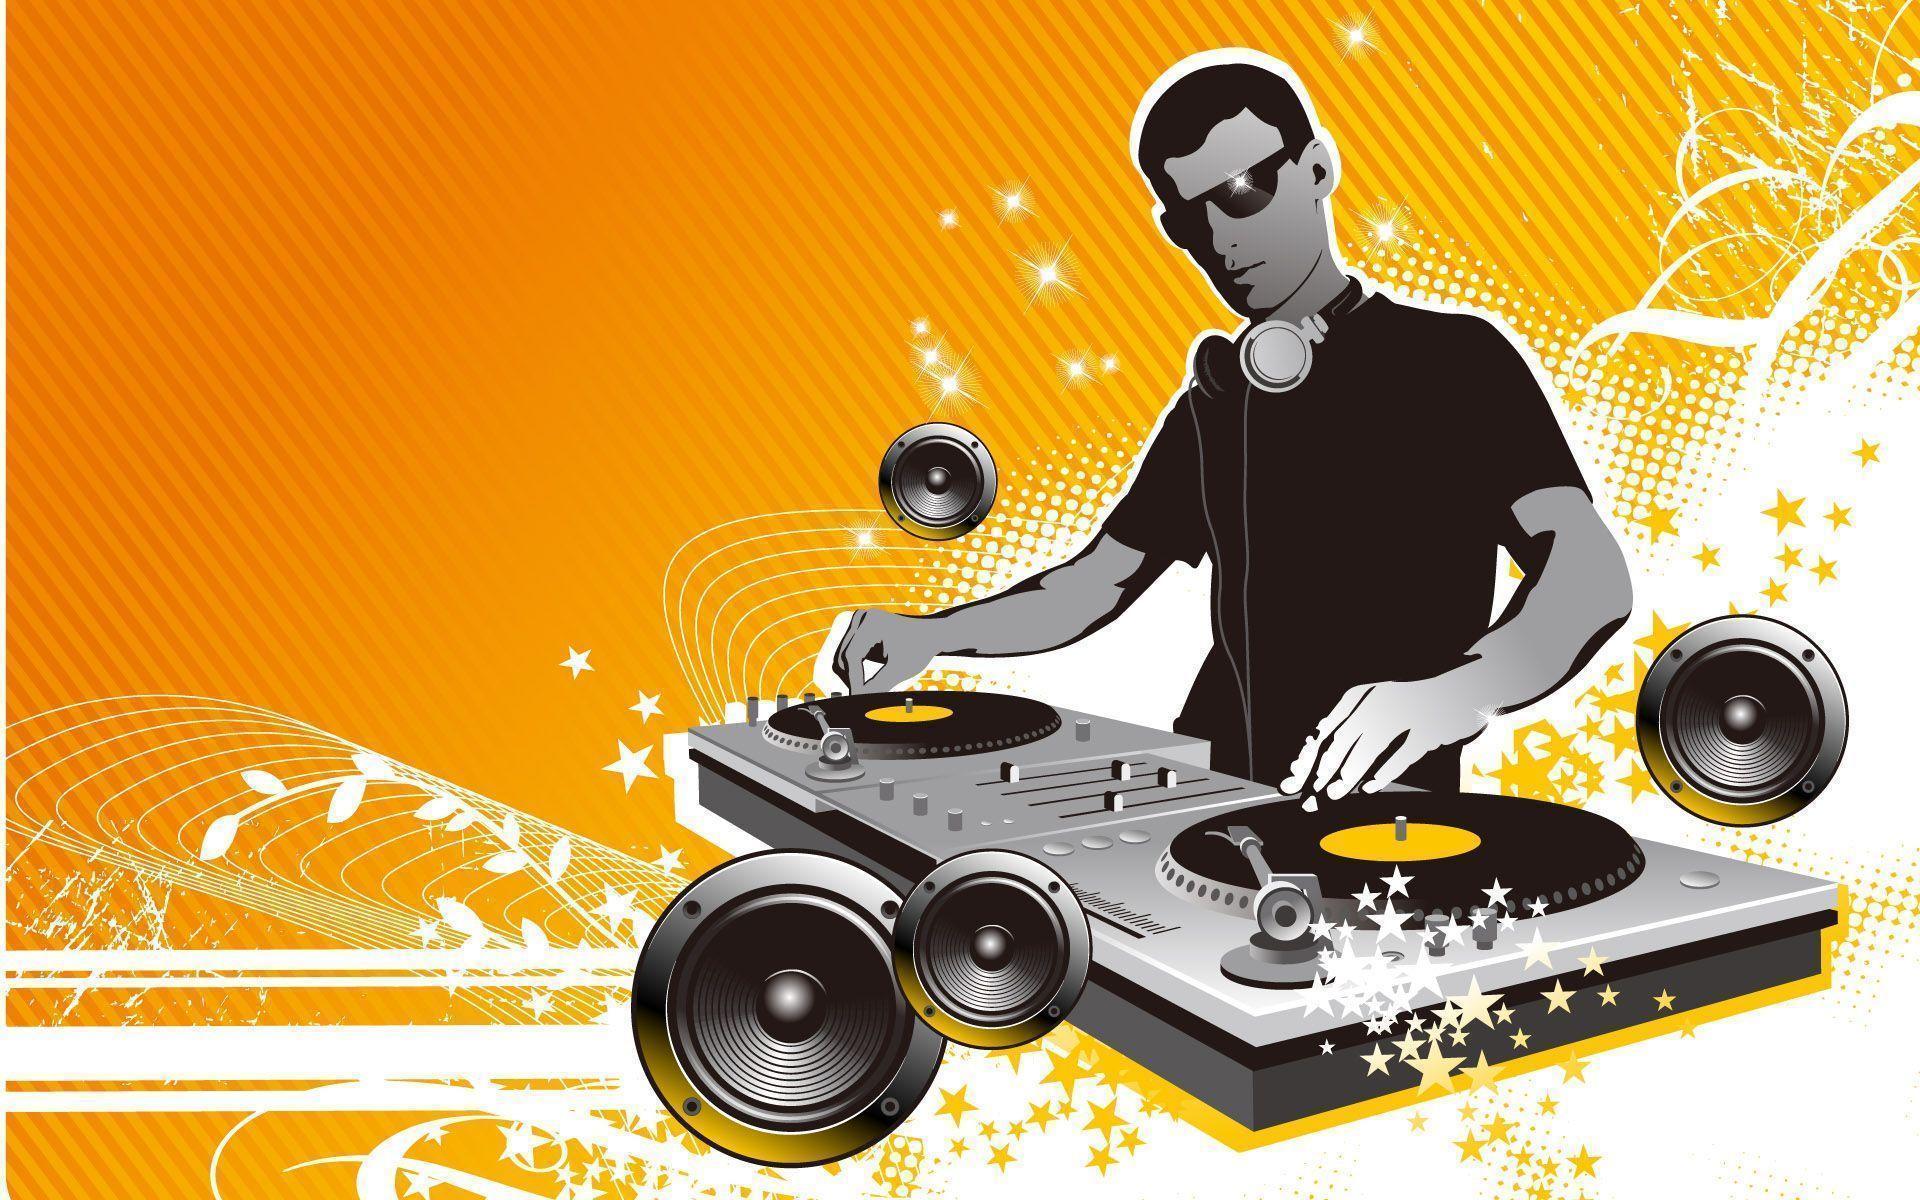 DJ Mixer Wallpapers - Wallpaper Cave